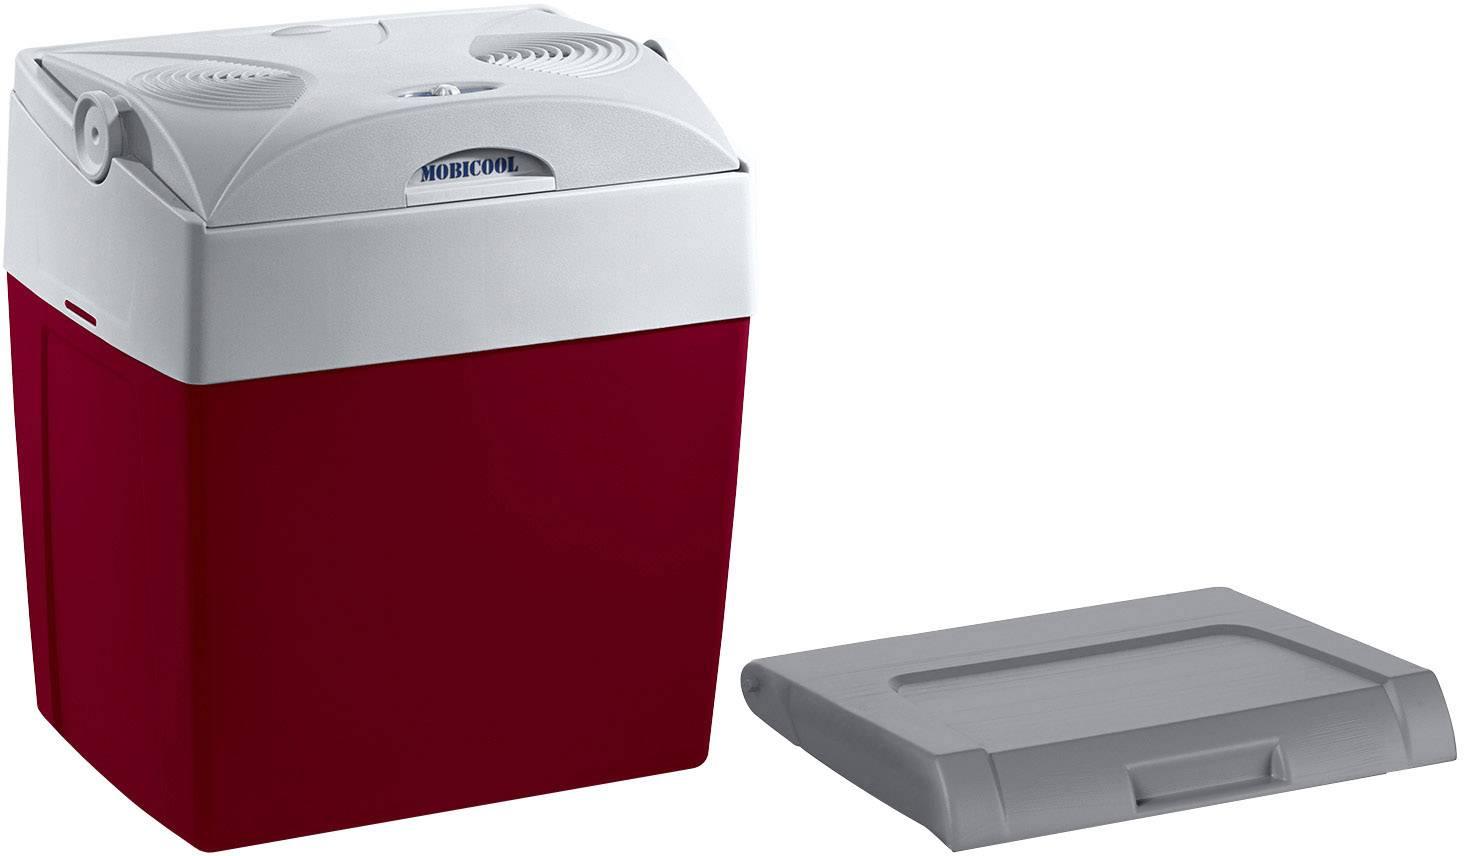 Přenosná lednice (autochladnička) MobiCool V30 12/230 12 V, 230 V červená 29 l A++ (A+++ - D)